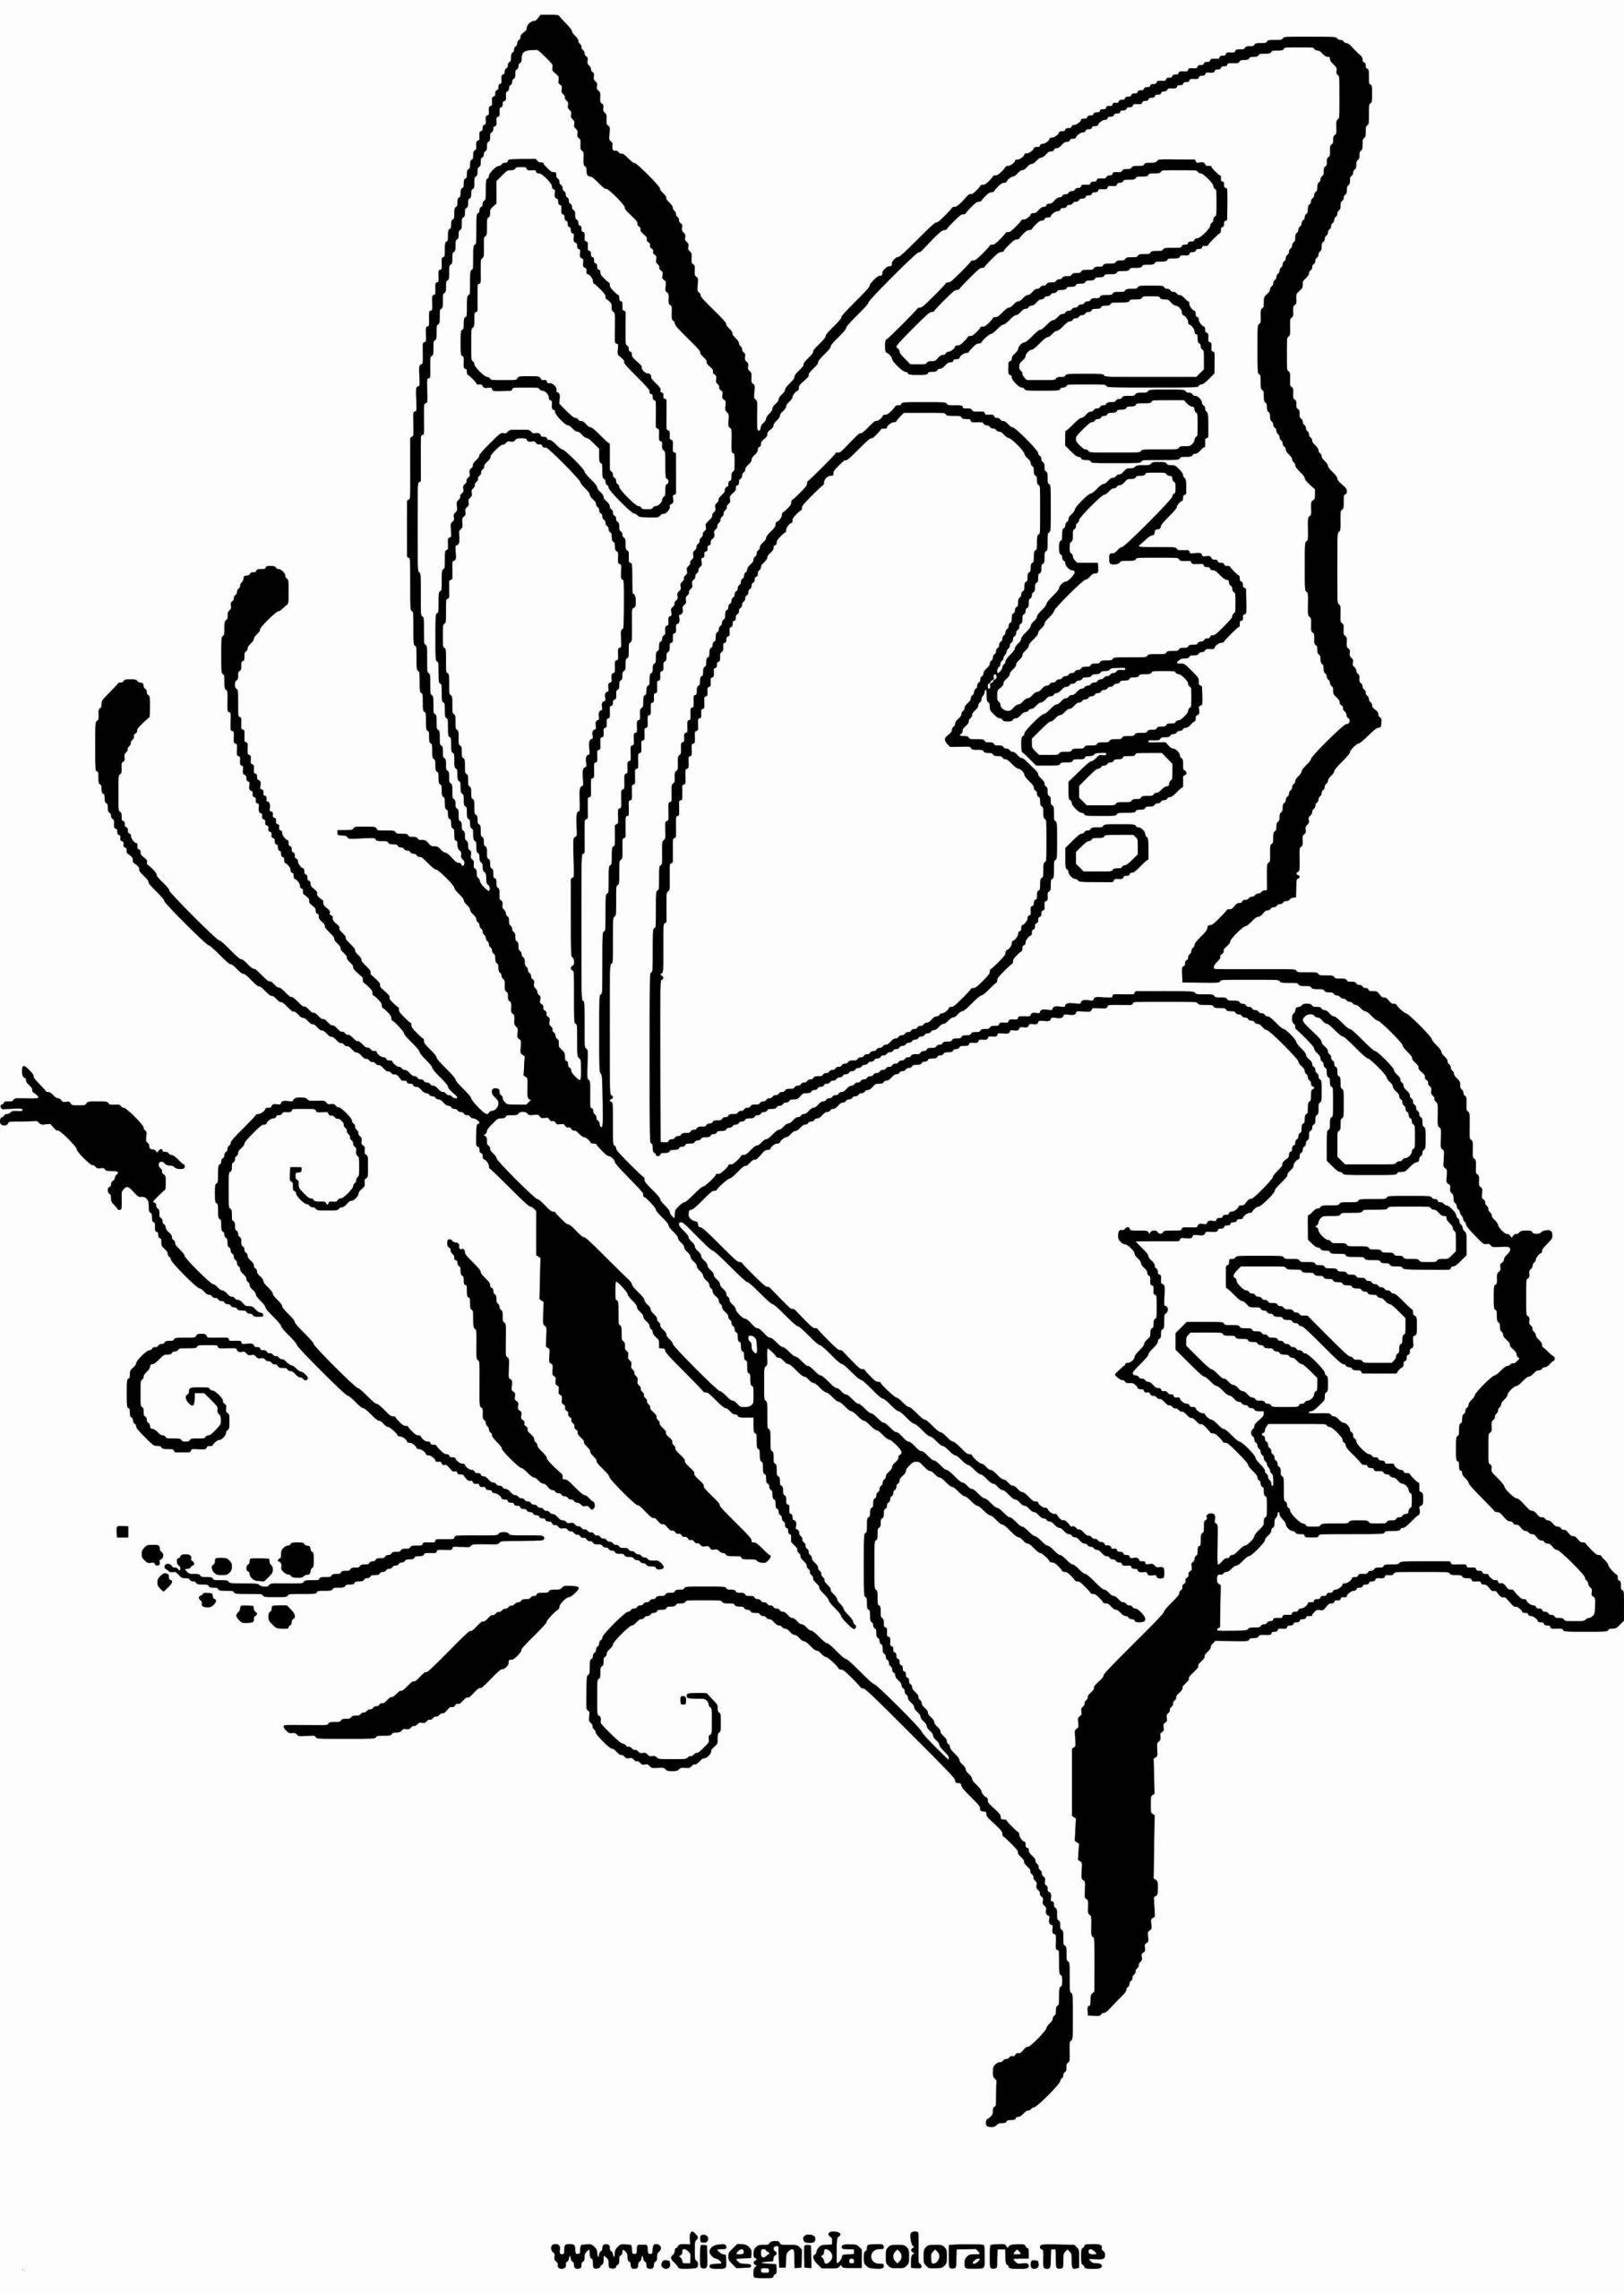 61 Schön Ausmalbilder Schmetterling Kostenlos Ausdrucken verwandt mit Malvorlagen Schmetterling